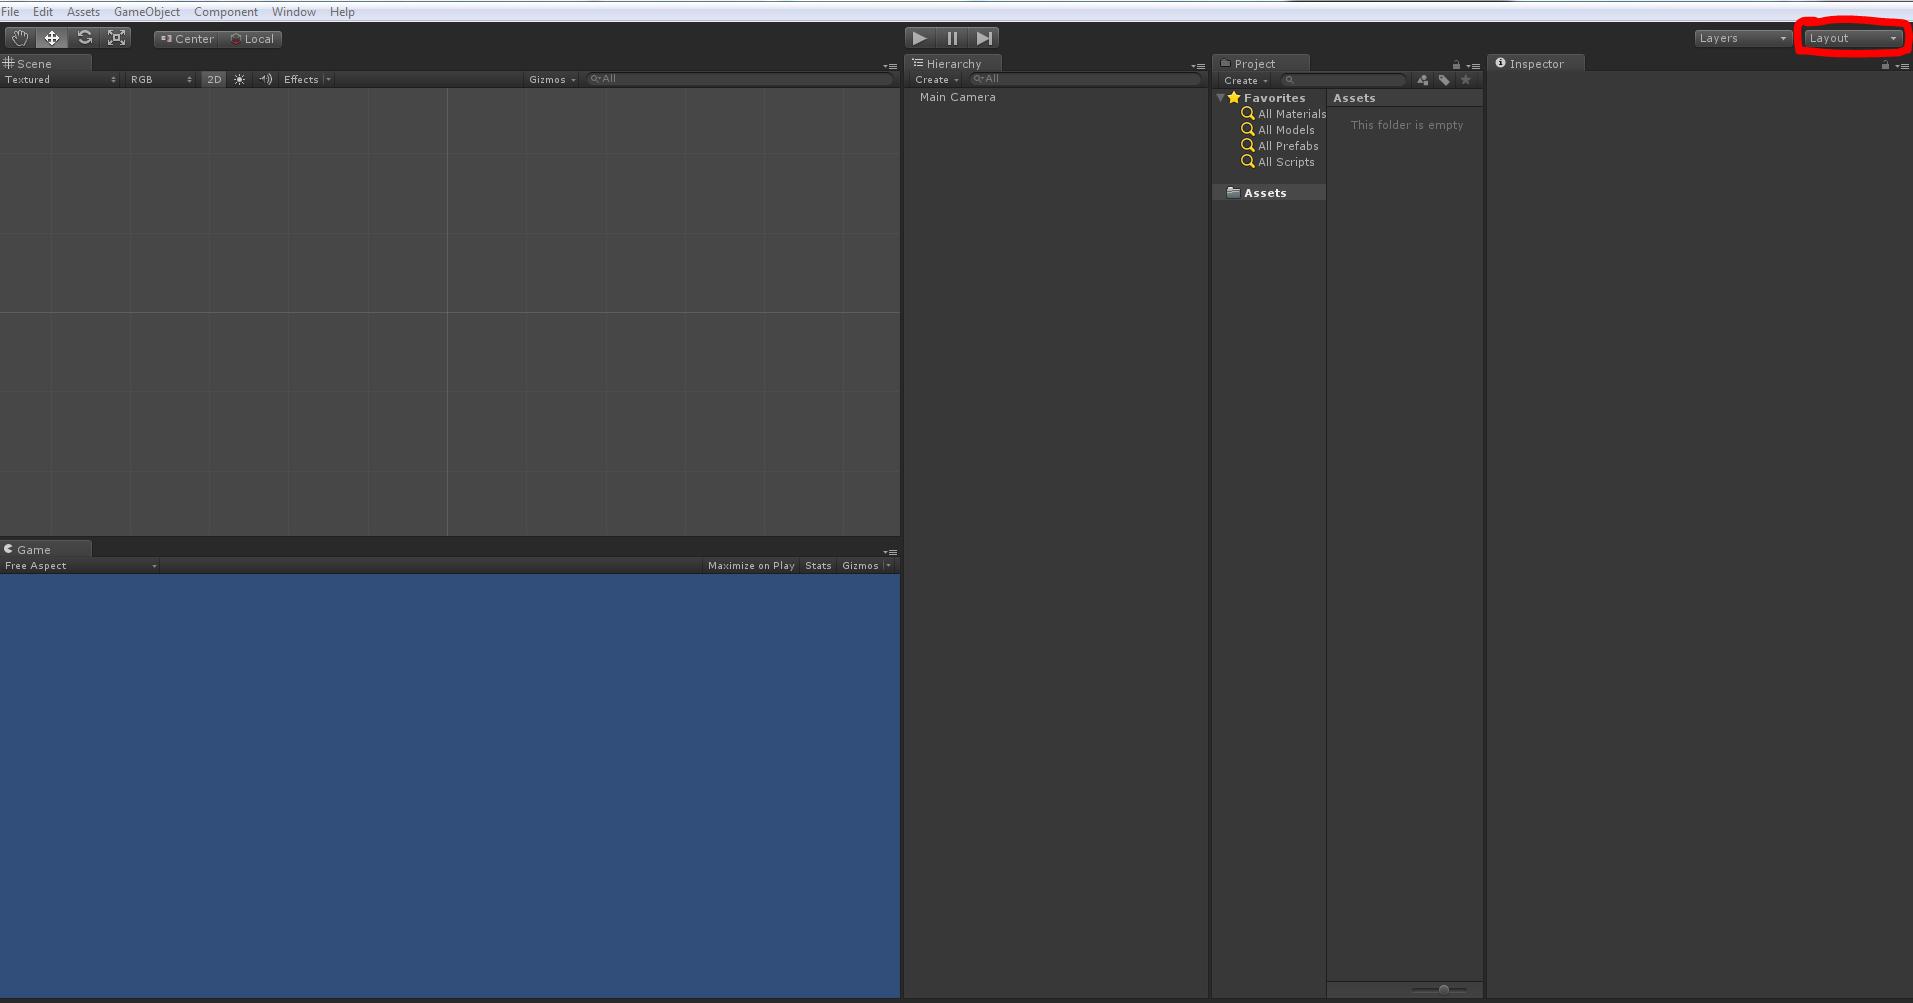 Klikneme na layout a zvolíme: TALL layout.